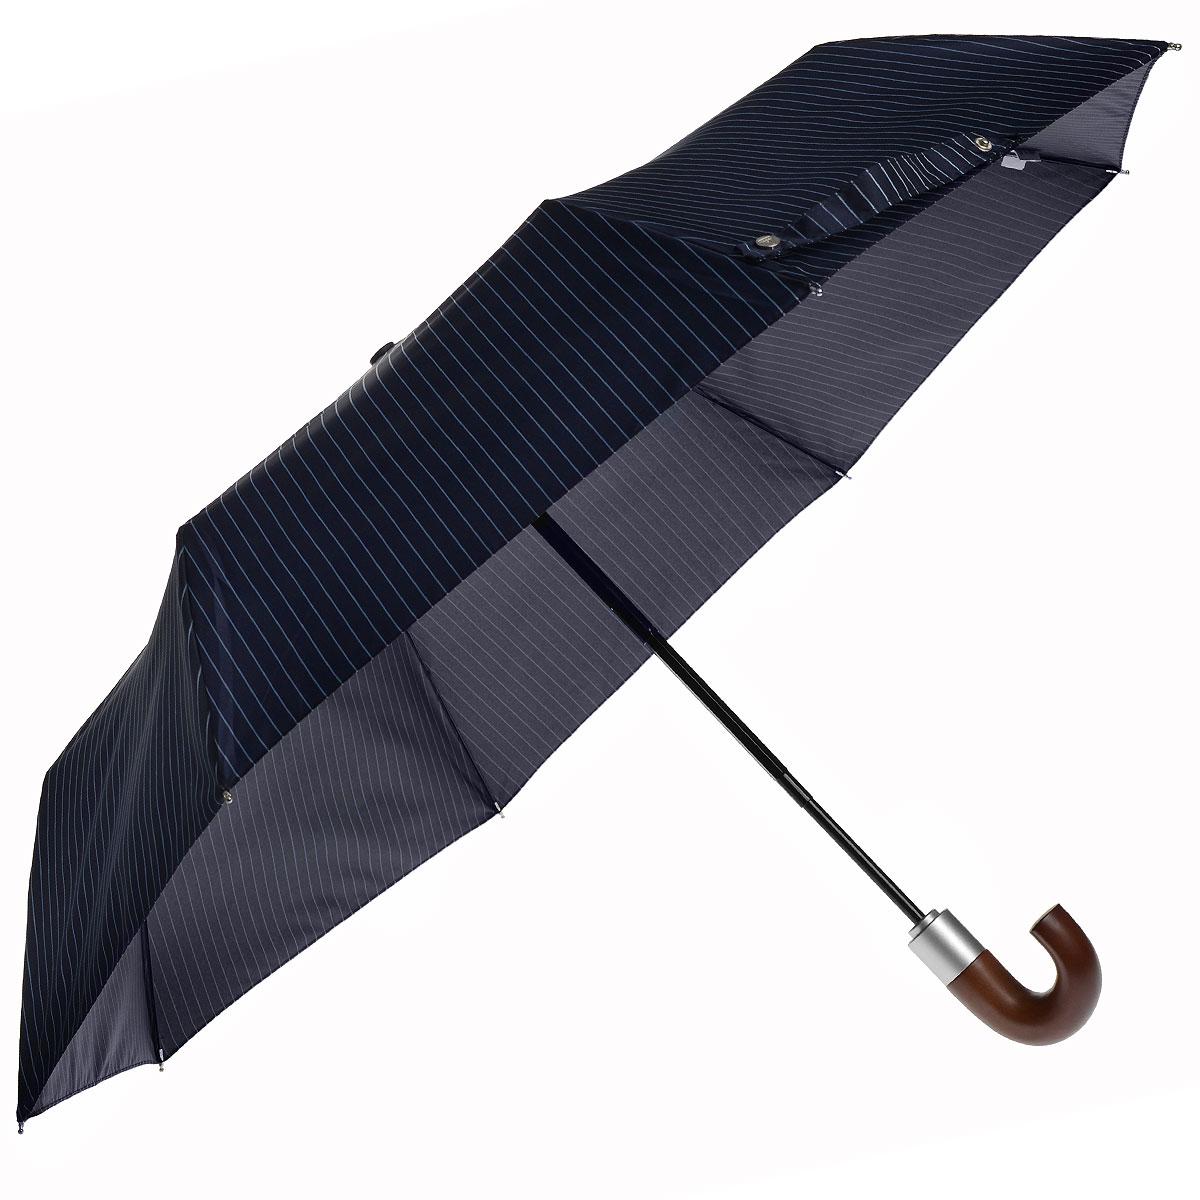 """Зонт мужской Fulton Chelsea, автомат, 3 сложения, цвет: синийG818 3F2639Стильный зонт """"Chelsea"""" даже в ненастную погоду позволит вам оставаться элегантным. """"Ветростойкий"""" каркас зонта в 3 сложения состоит из восьми спиц, стержень выполнен из стали. Зонт оснащен удобной рукояткой закругленной формы, выполненной из дерева. Купол зонта выполнен из прочного полиэстера синего цвета и оформлен полосатым принтом. К зонту прилагается чехол. Зонт автоматического сложения: купол открывается и закрывается нажатием кнопки, стержень складывается вручную до характерного щелчка."""